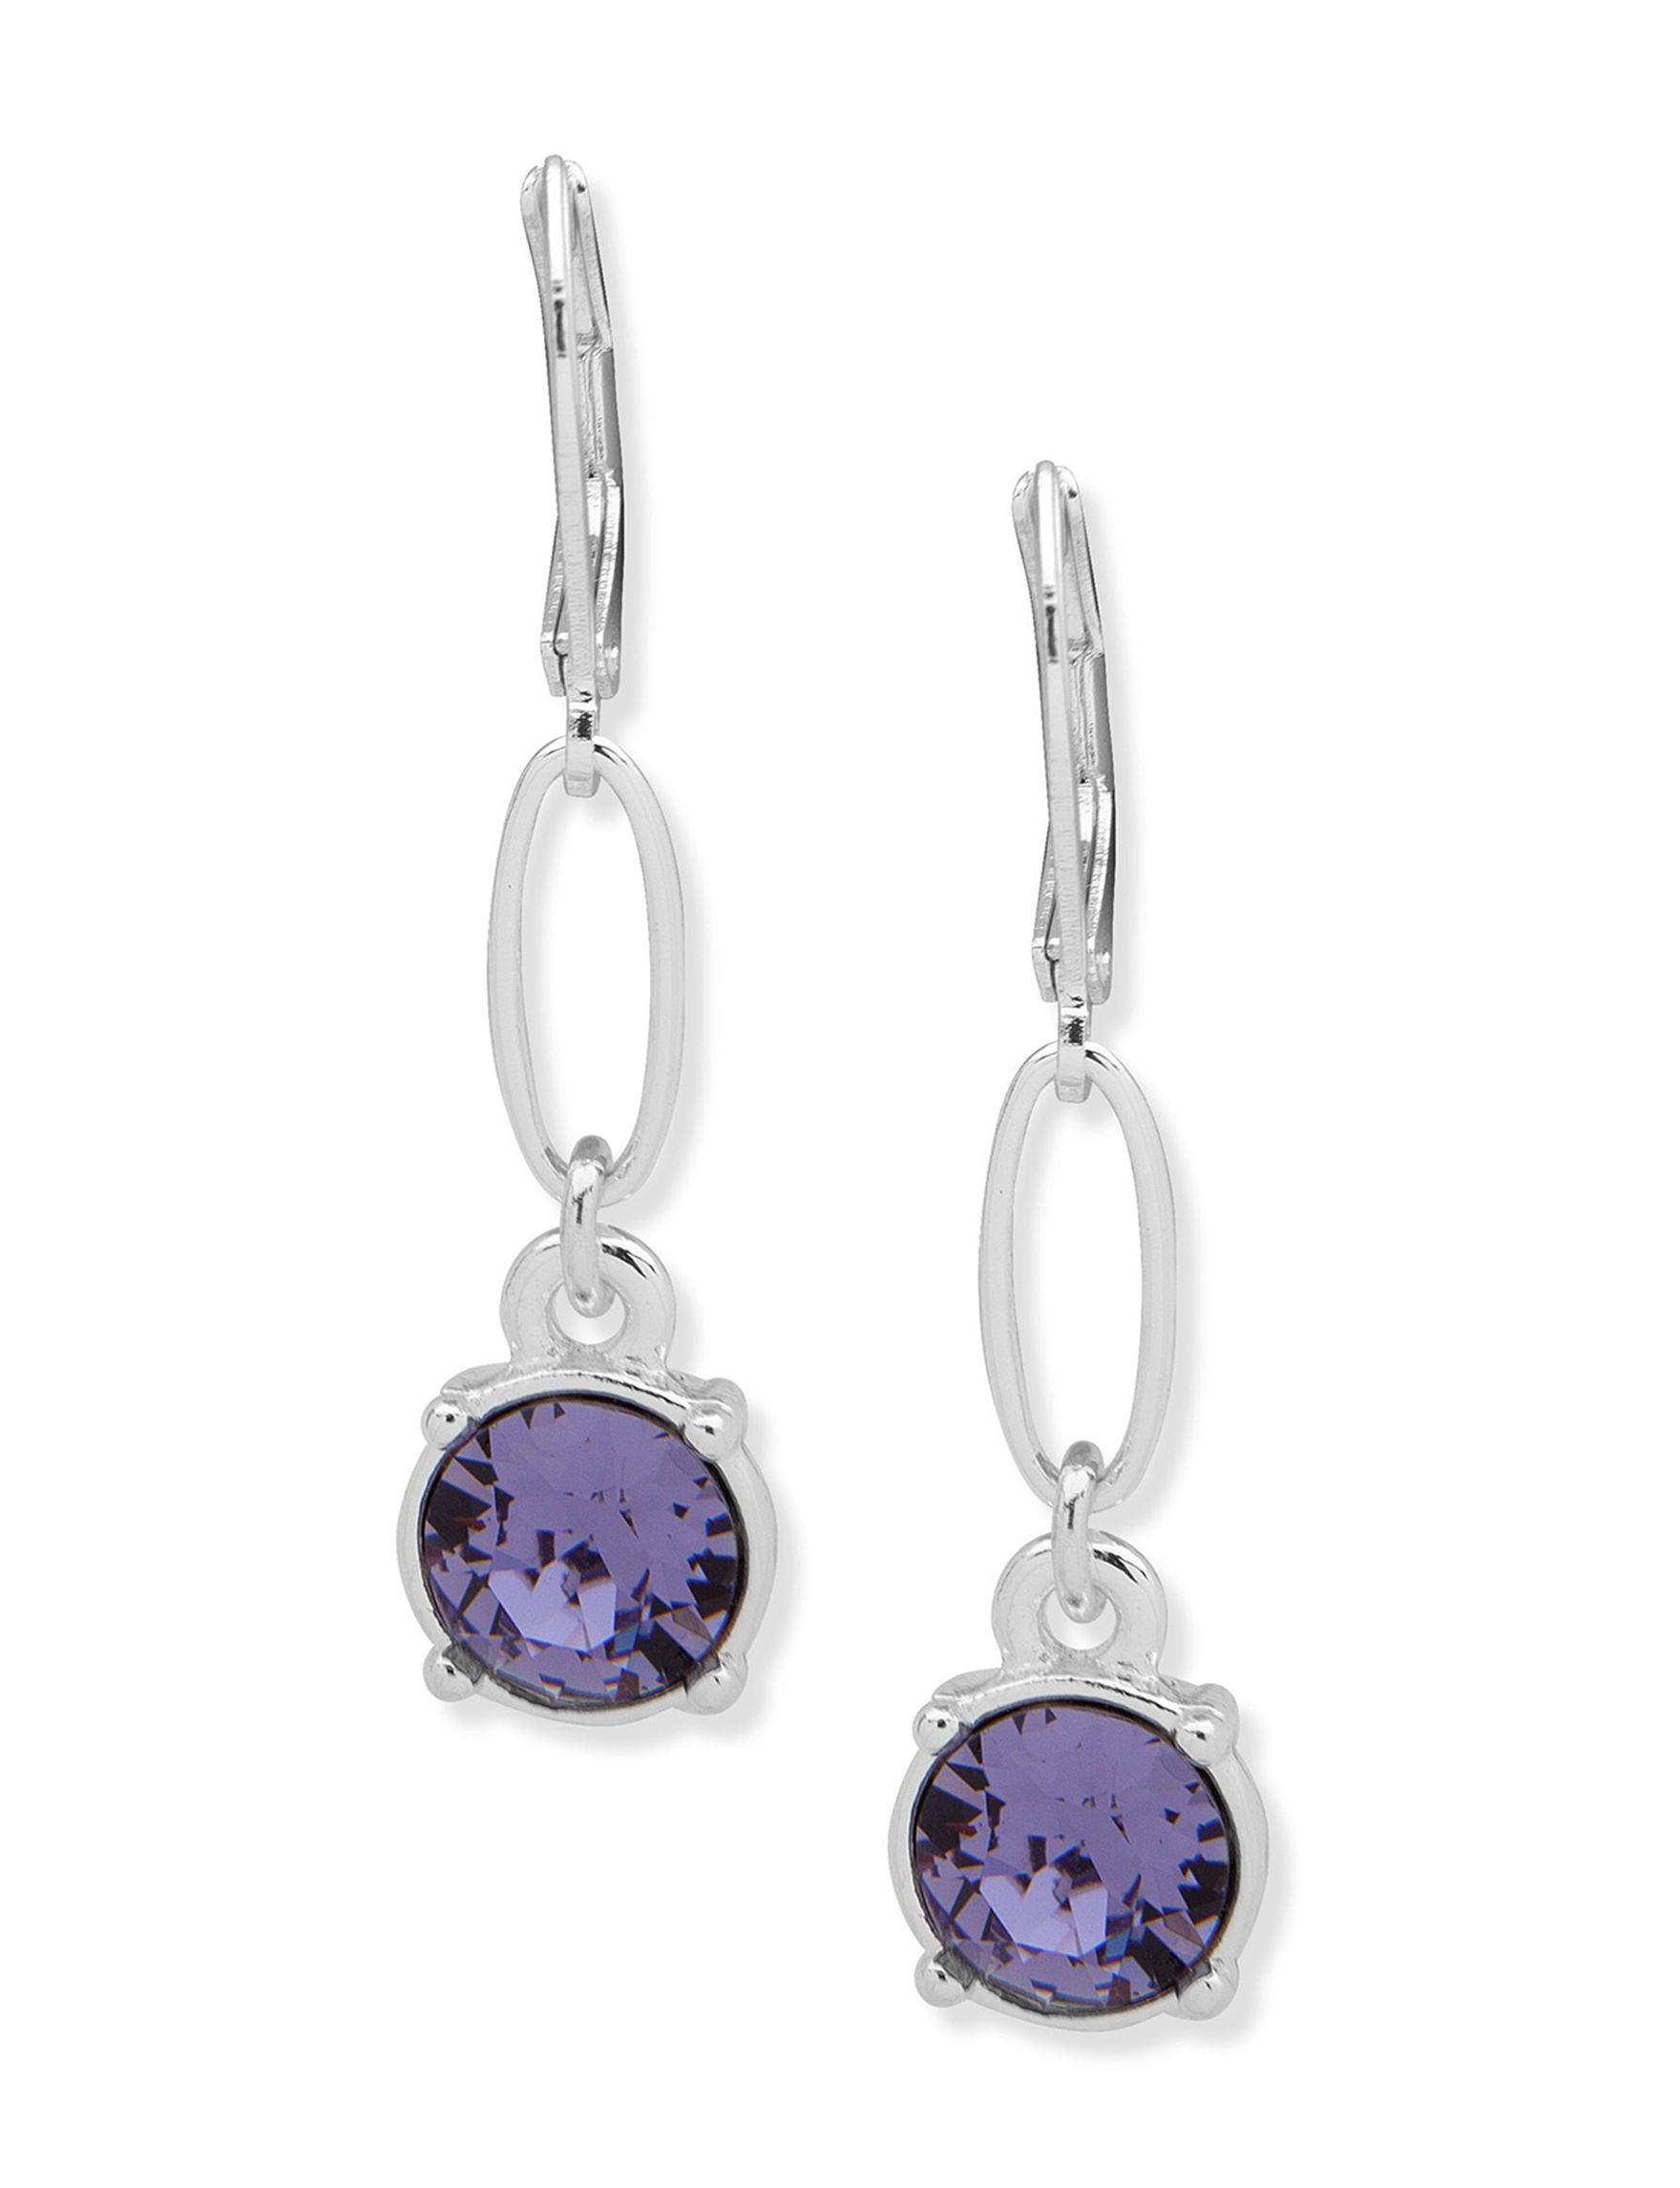 Gloria Vanderbilt Silver / Purple Drops Earrings Fashion Jewelry